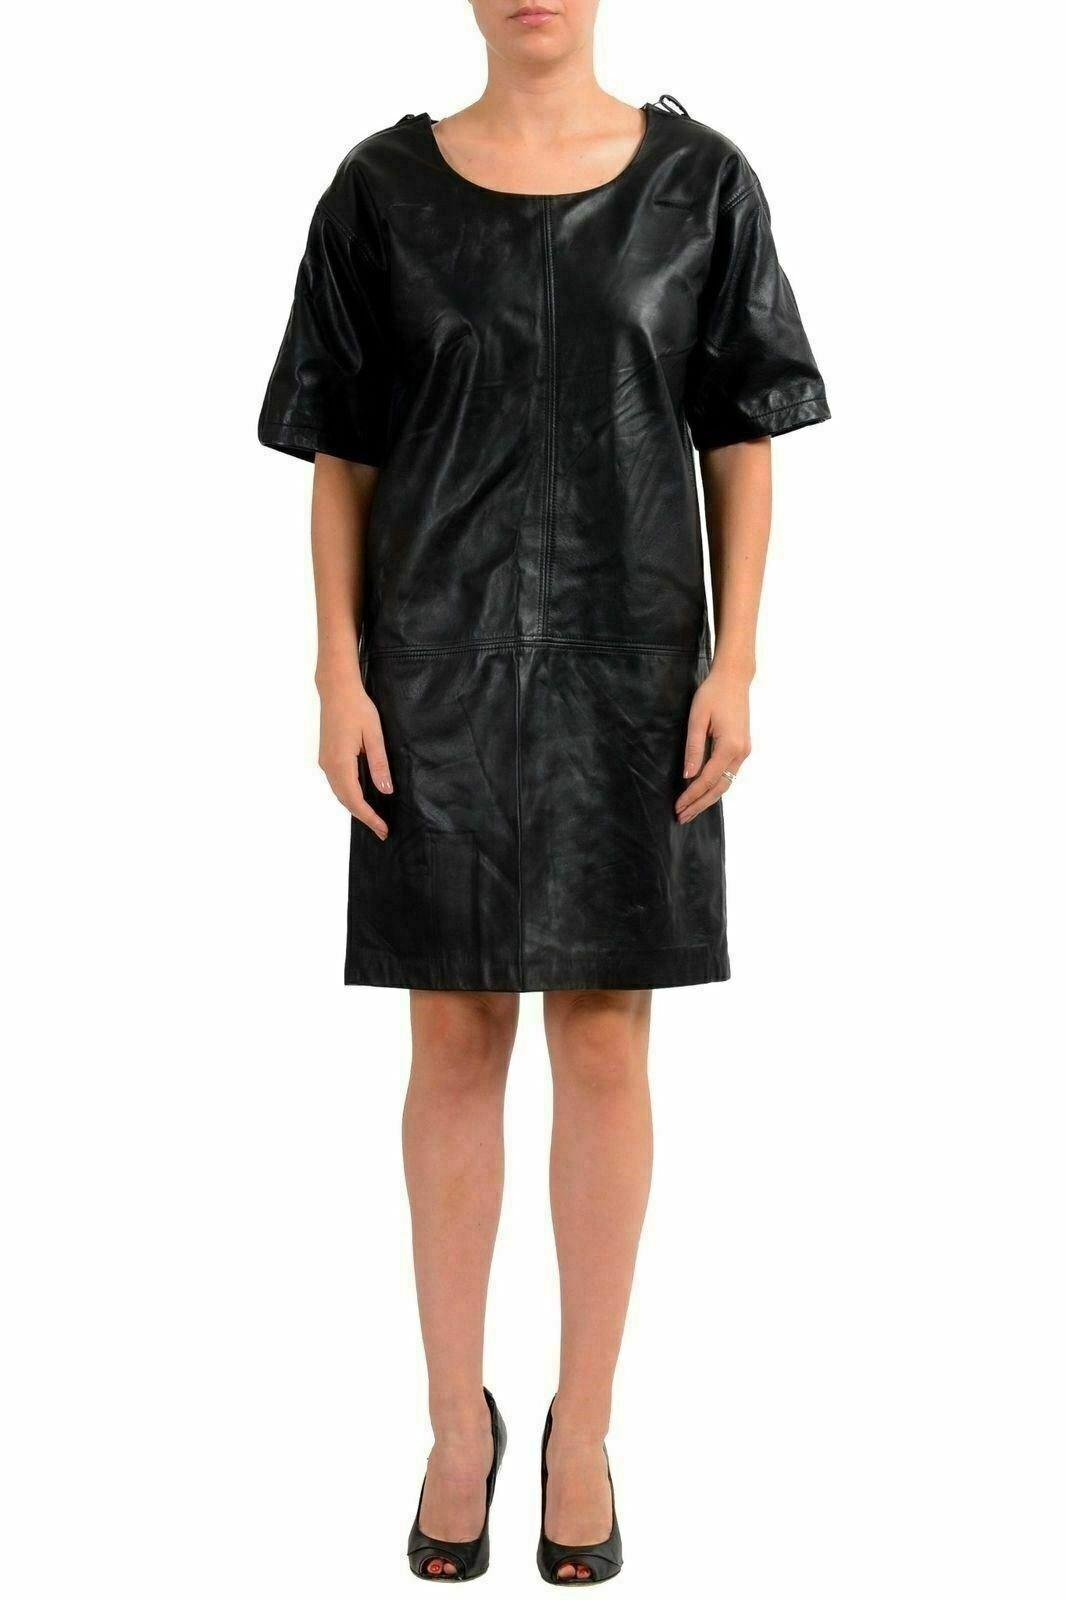 Maison Margiela 1  Mujer 100% Cuero Negro Funda Vestido Túnica Eu M It 42  últimos estilos